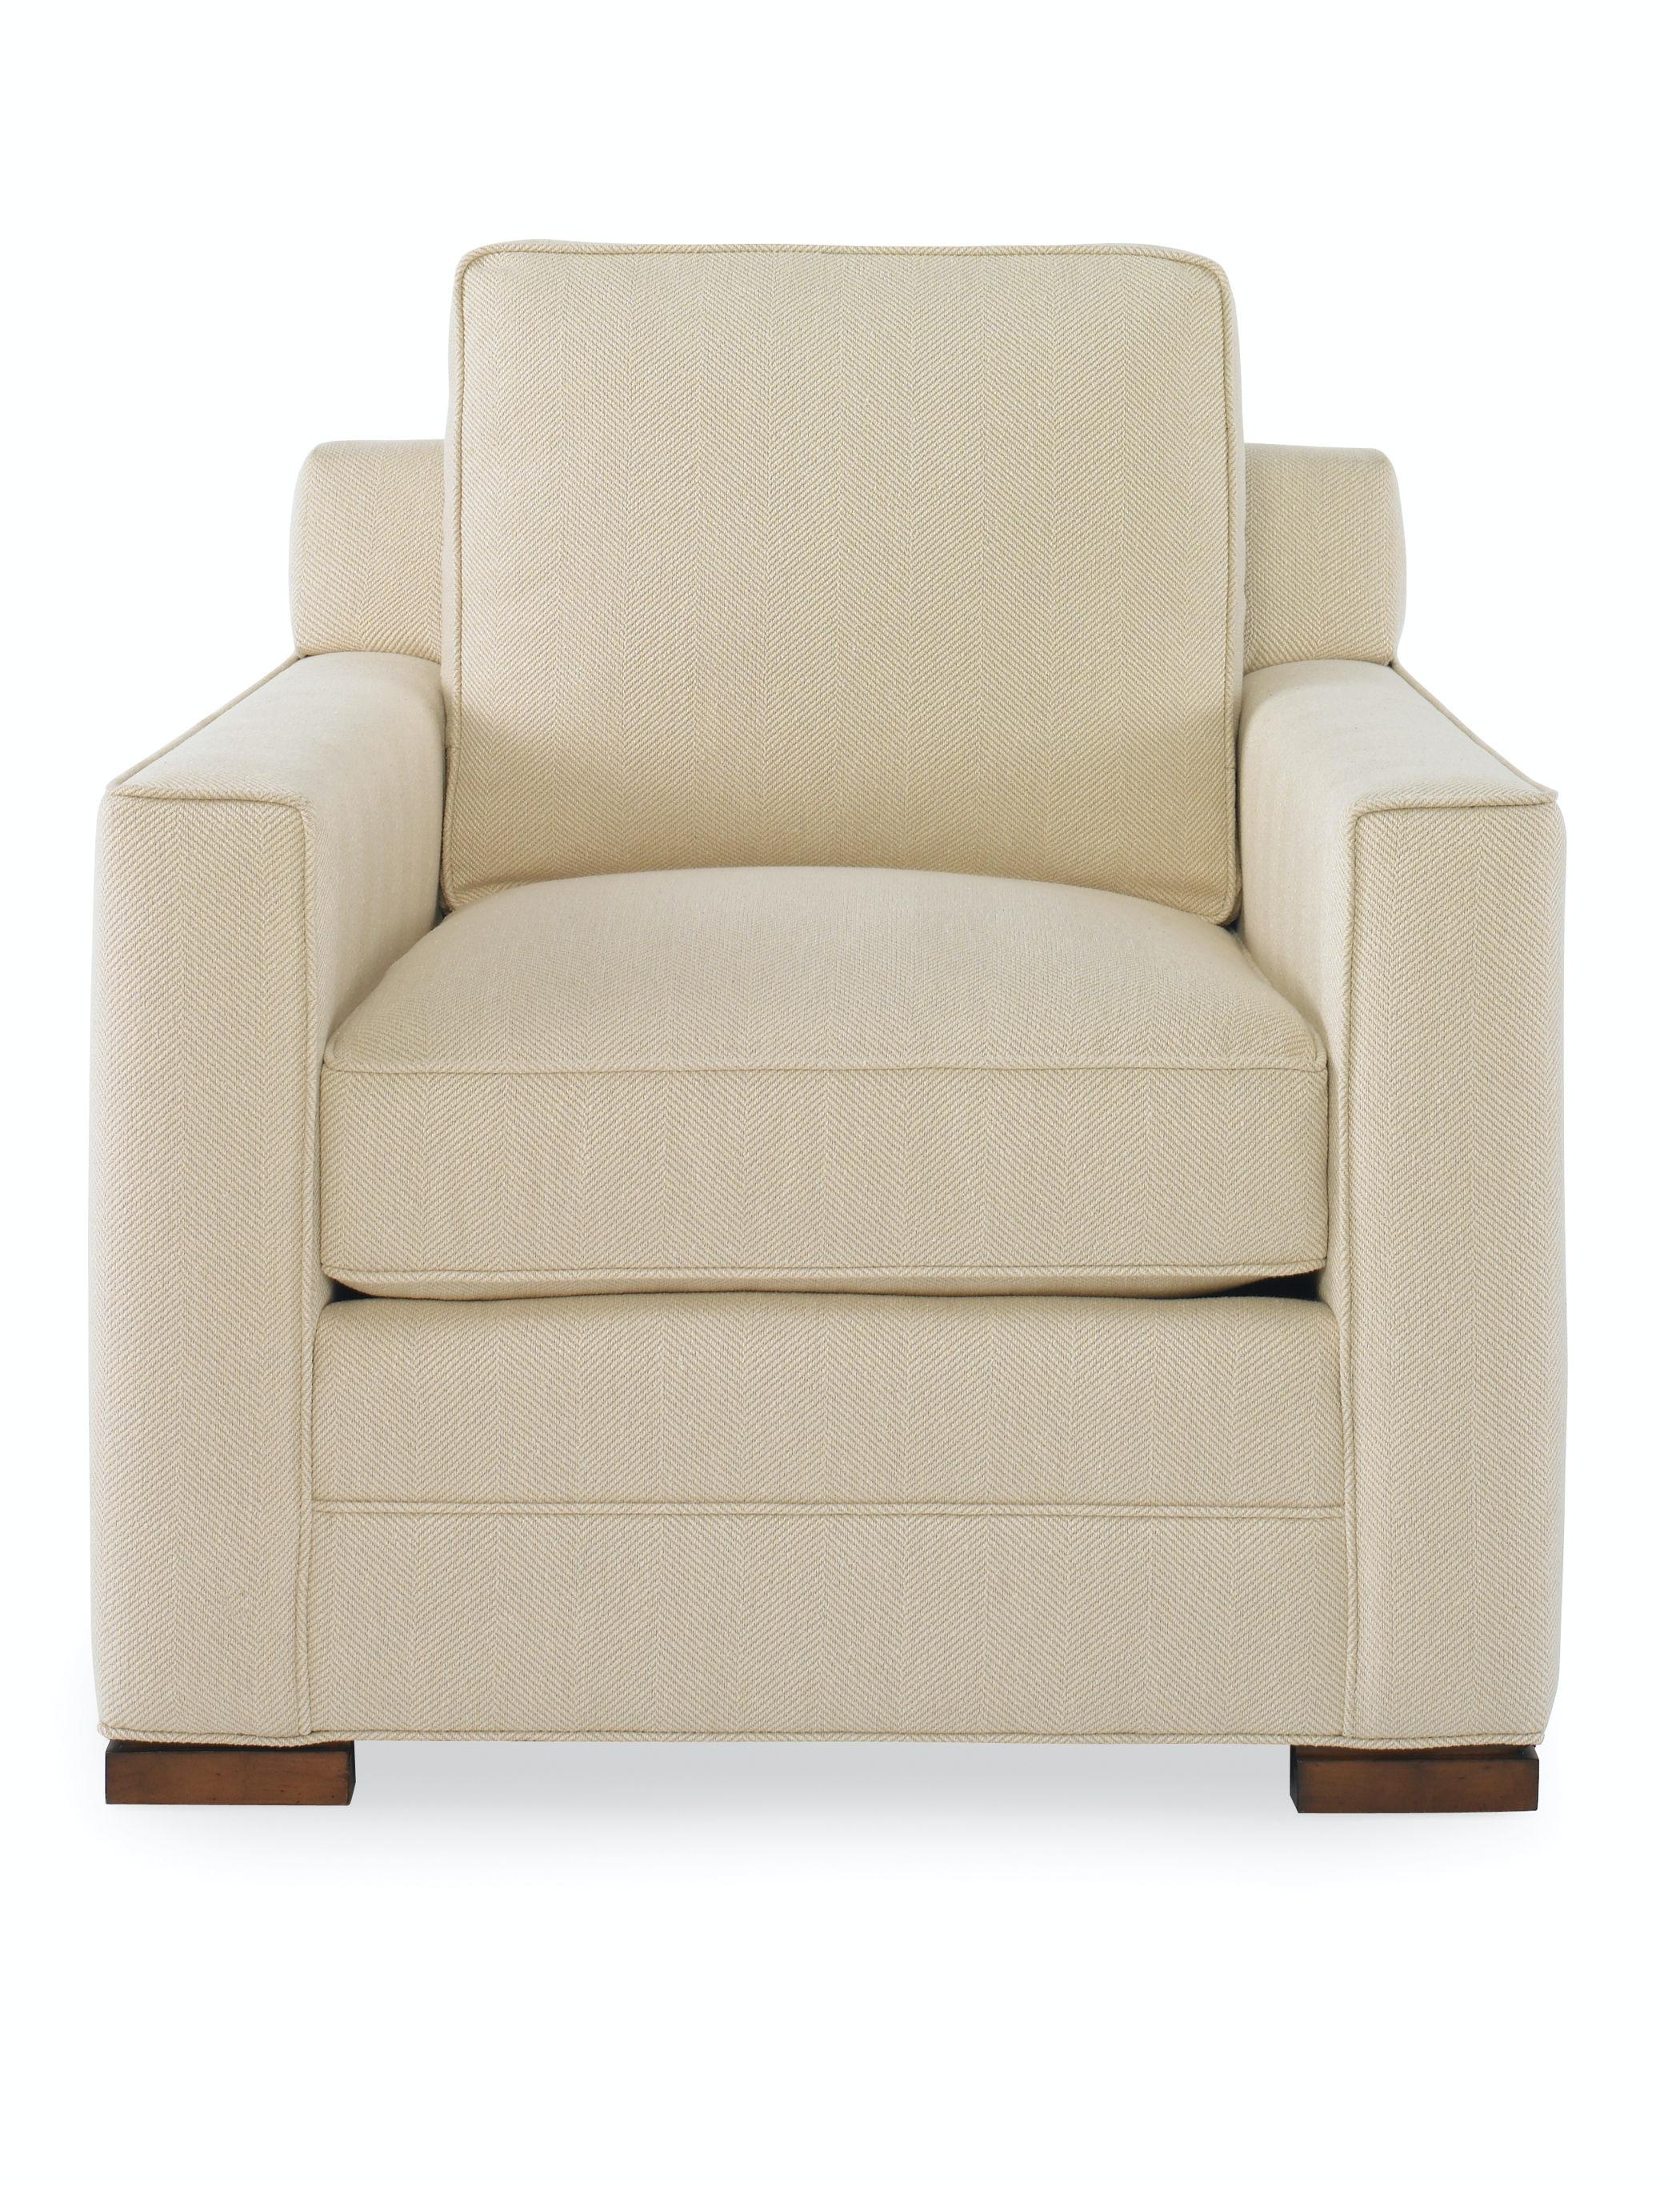 Kravet Smart Denison Chair S810 CH